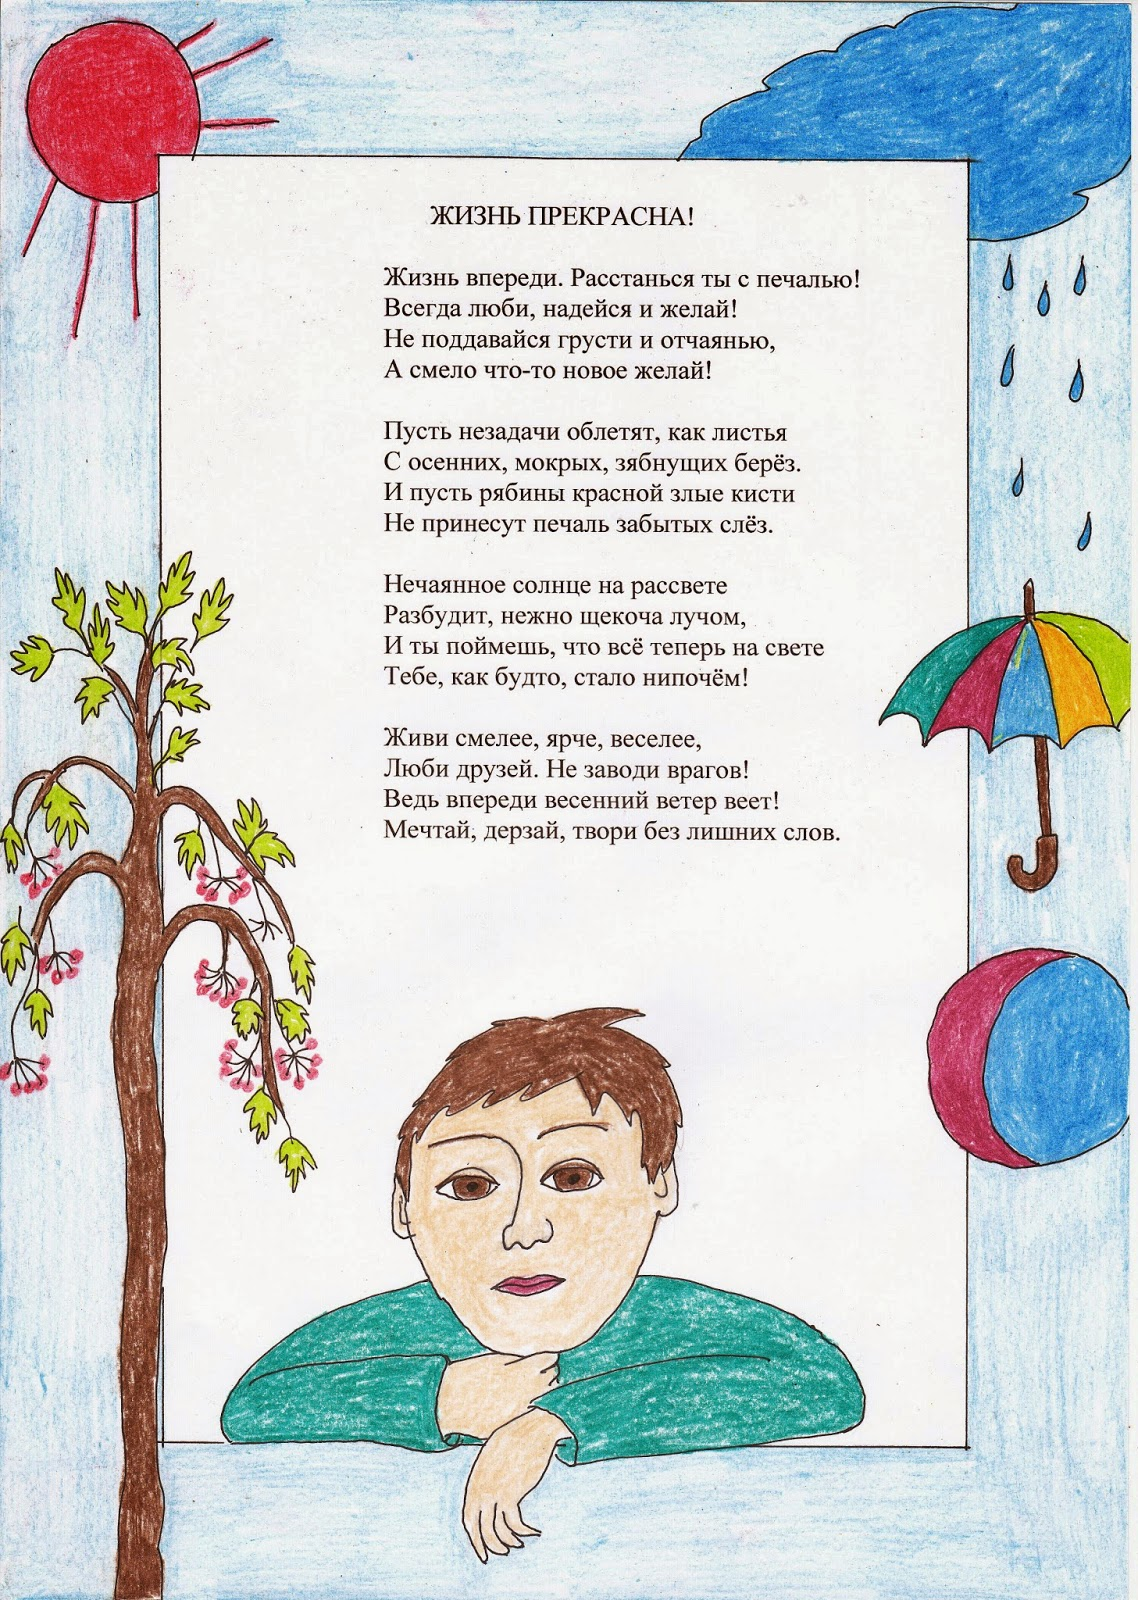 Как сочинять стихи своими руками